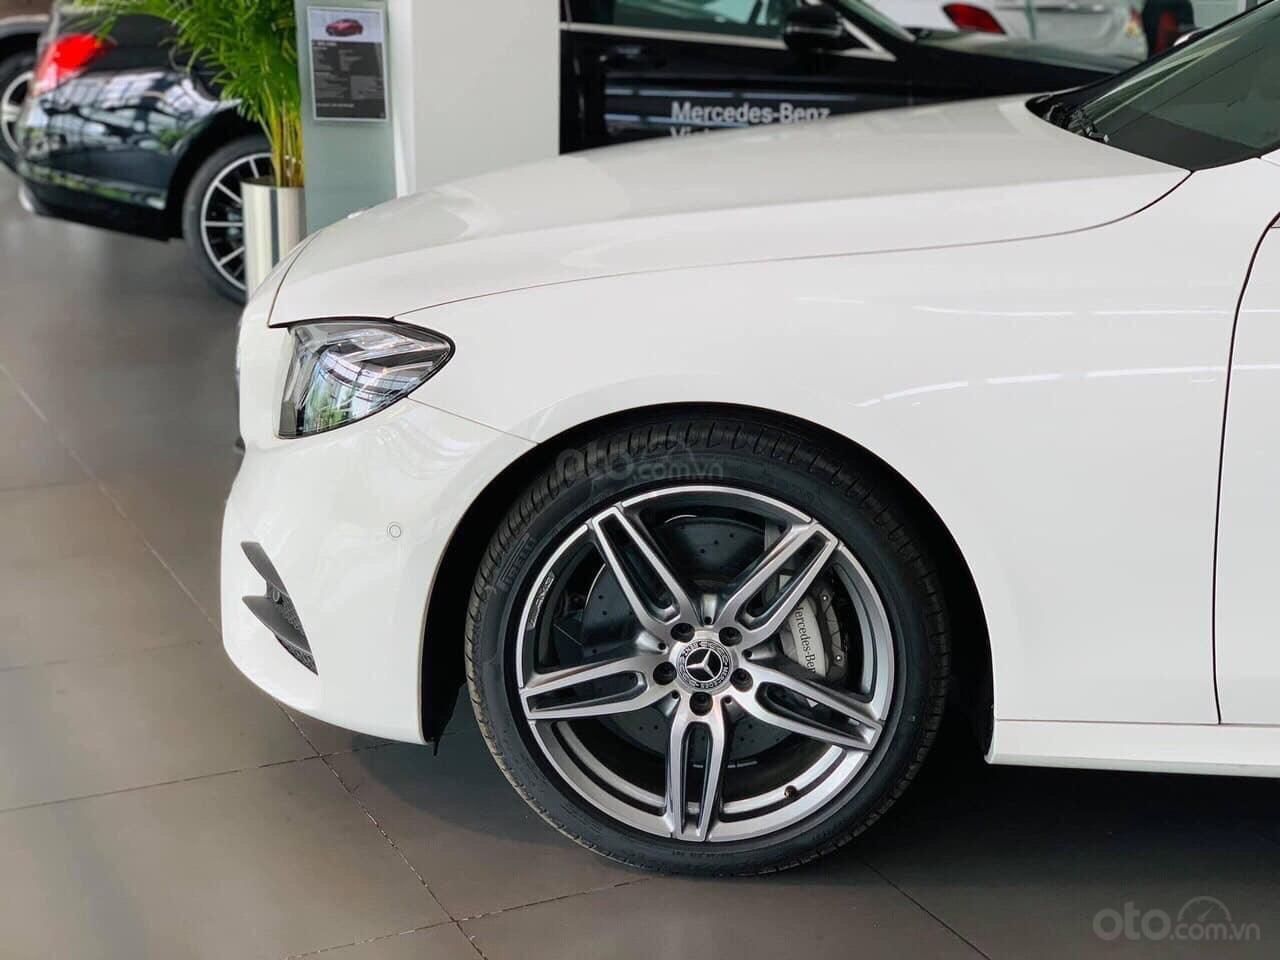 Giá Mercedes E300 AMG 2020, ưu đãi tiền mặt, bảo hiểm, phụ kiện chính hãng tháng 02/2020 (4)